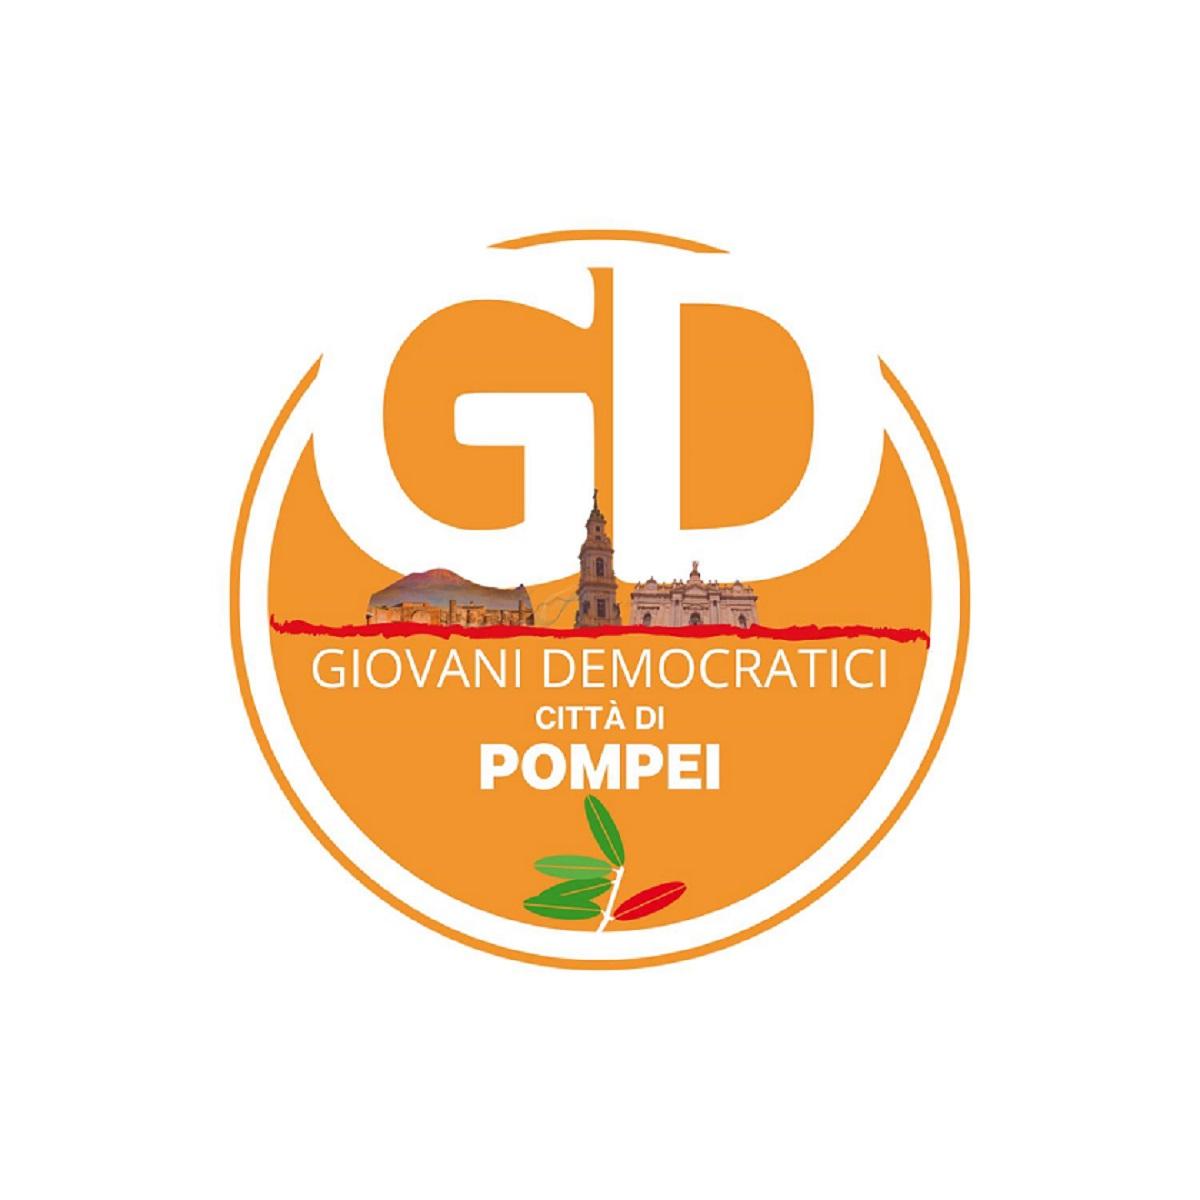 giovani democratici di pompei